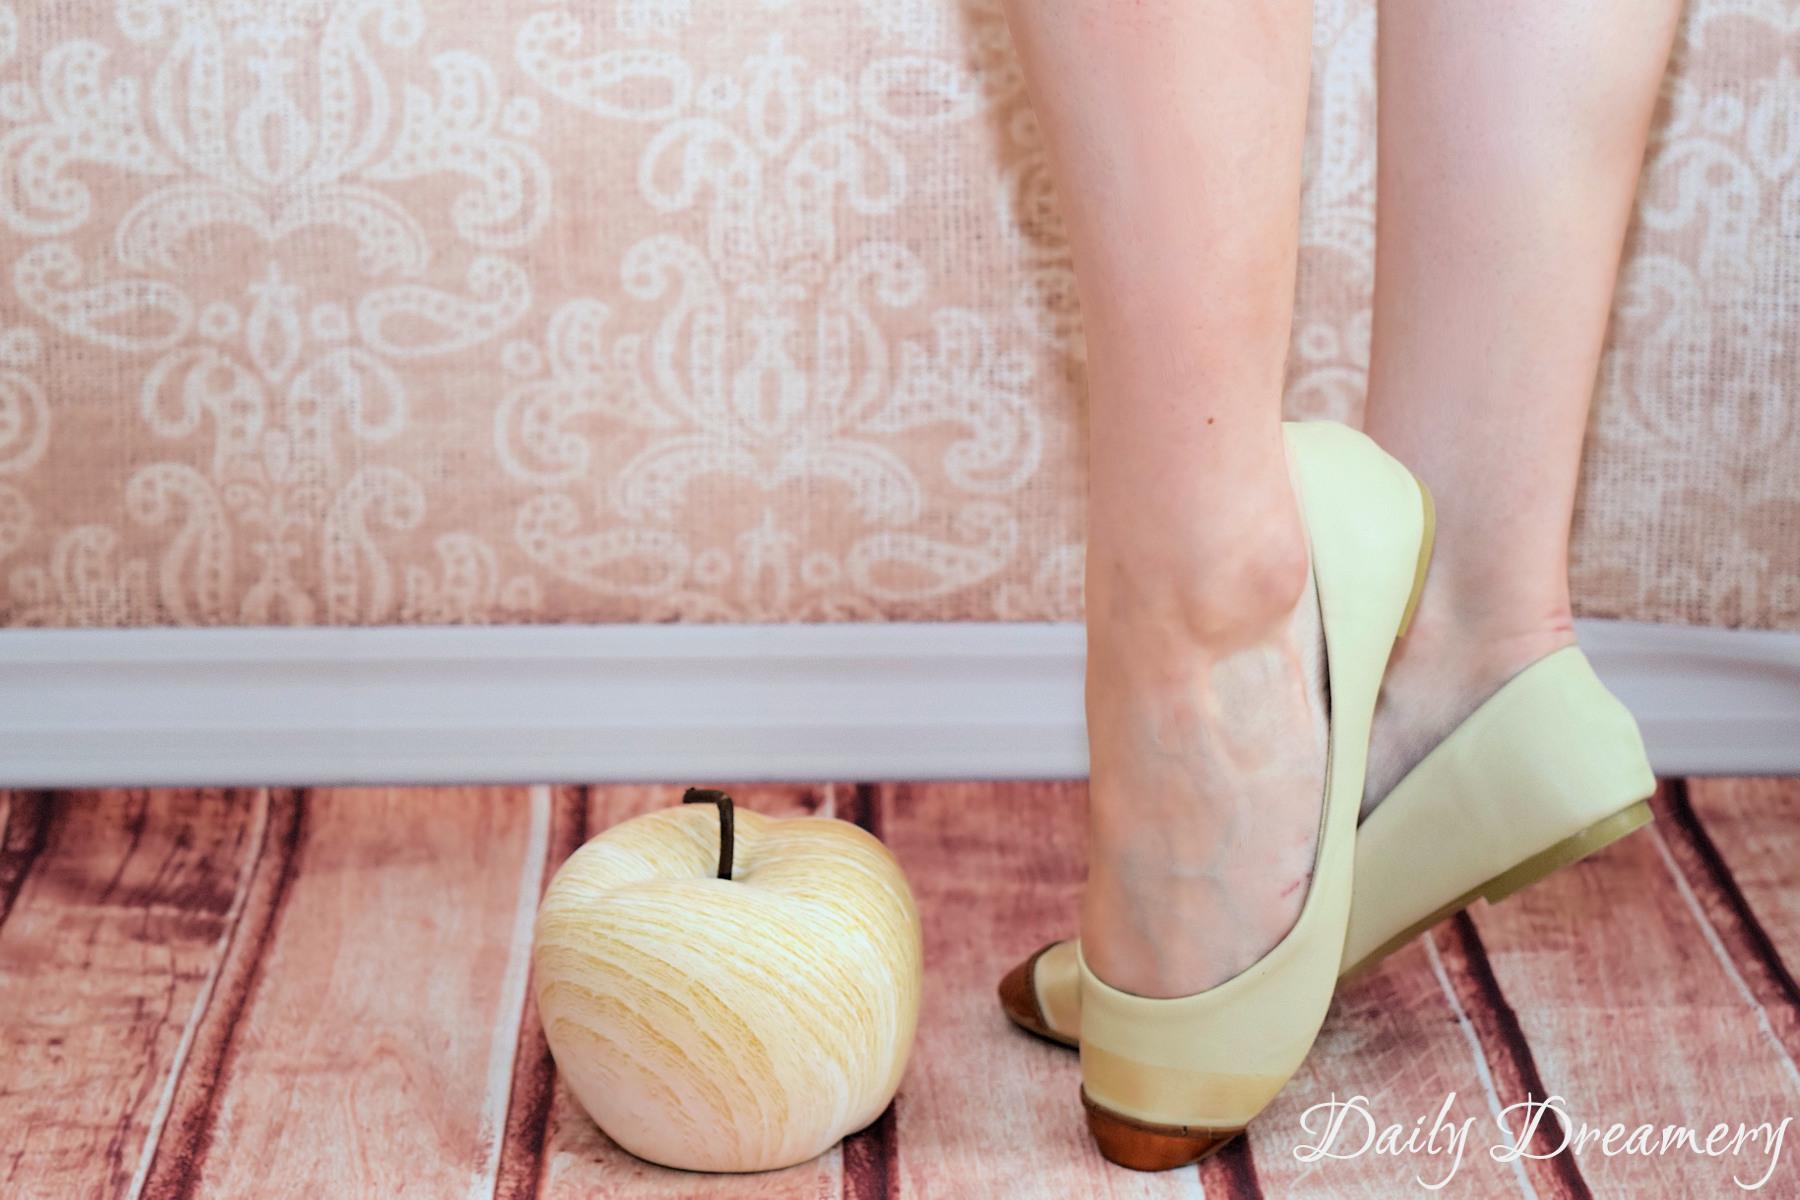 Schuhe bemalen - mit Lederfarben tolle Trend-Schuhe gestalten